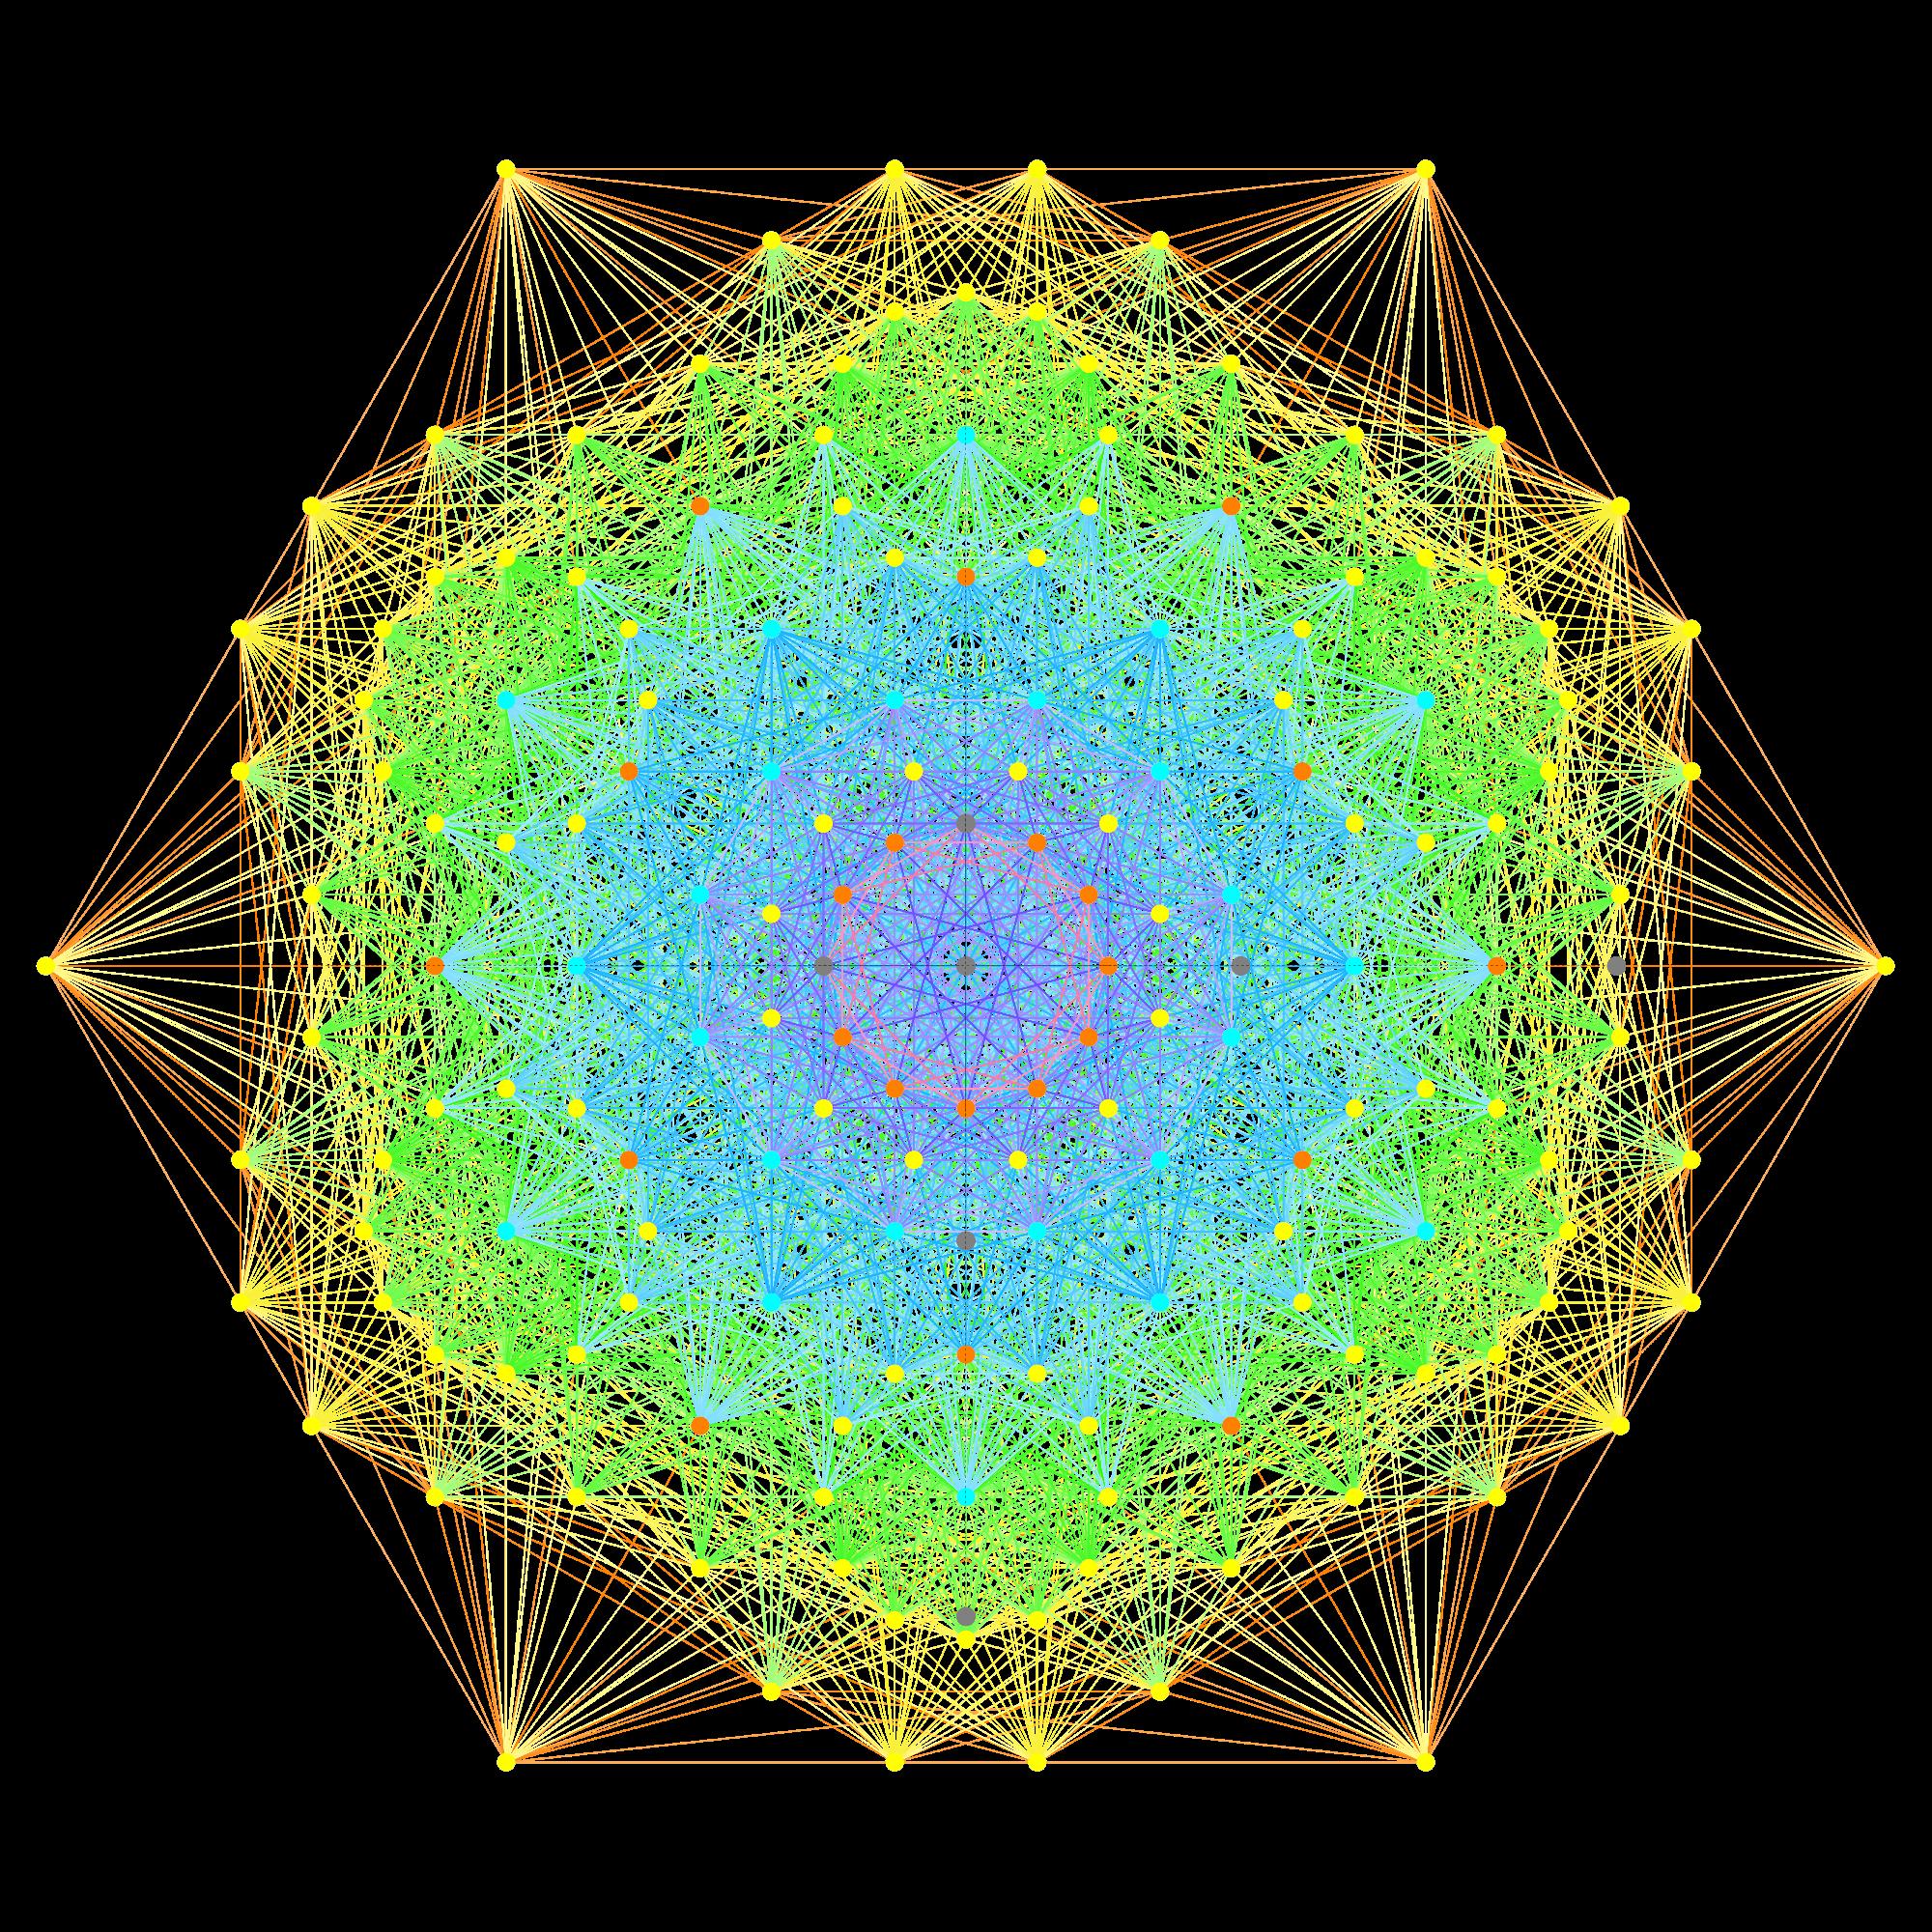 E8-F4mox1a